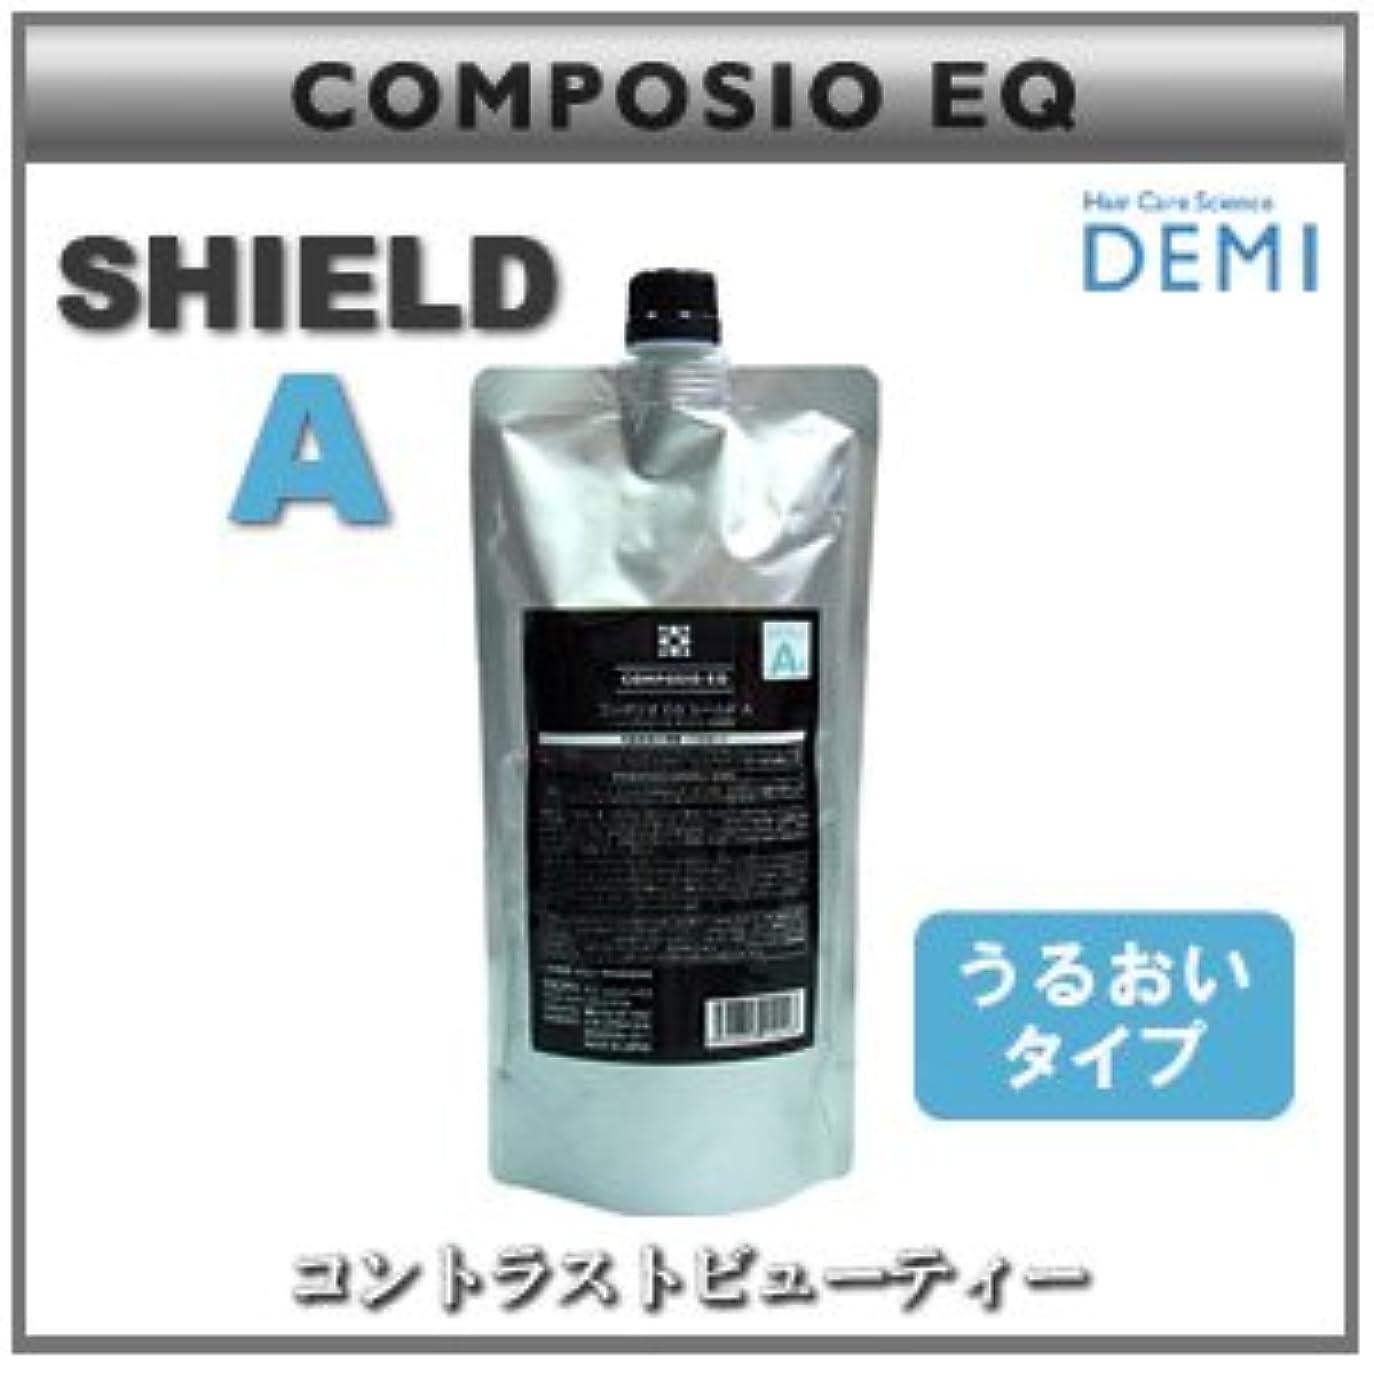 ダルセット閉塞乙女【x4個セット】 デミ コンポジオ EQ シールド A 450g